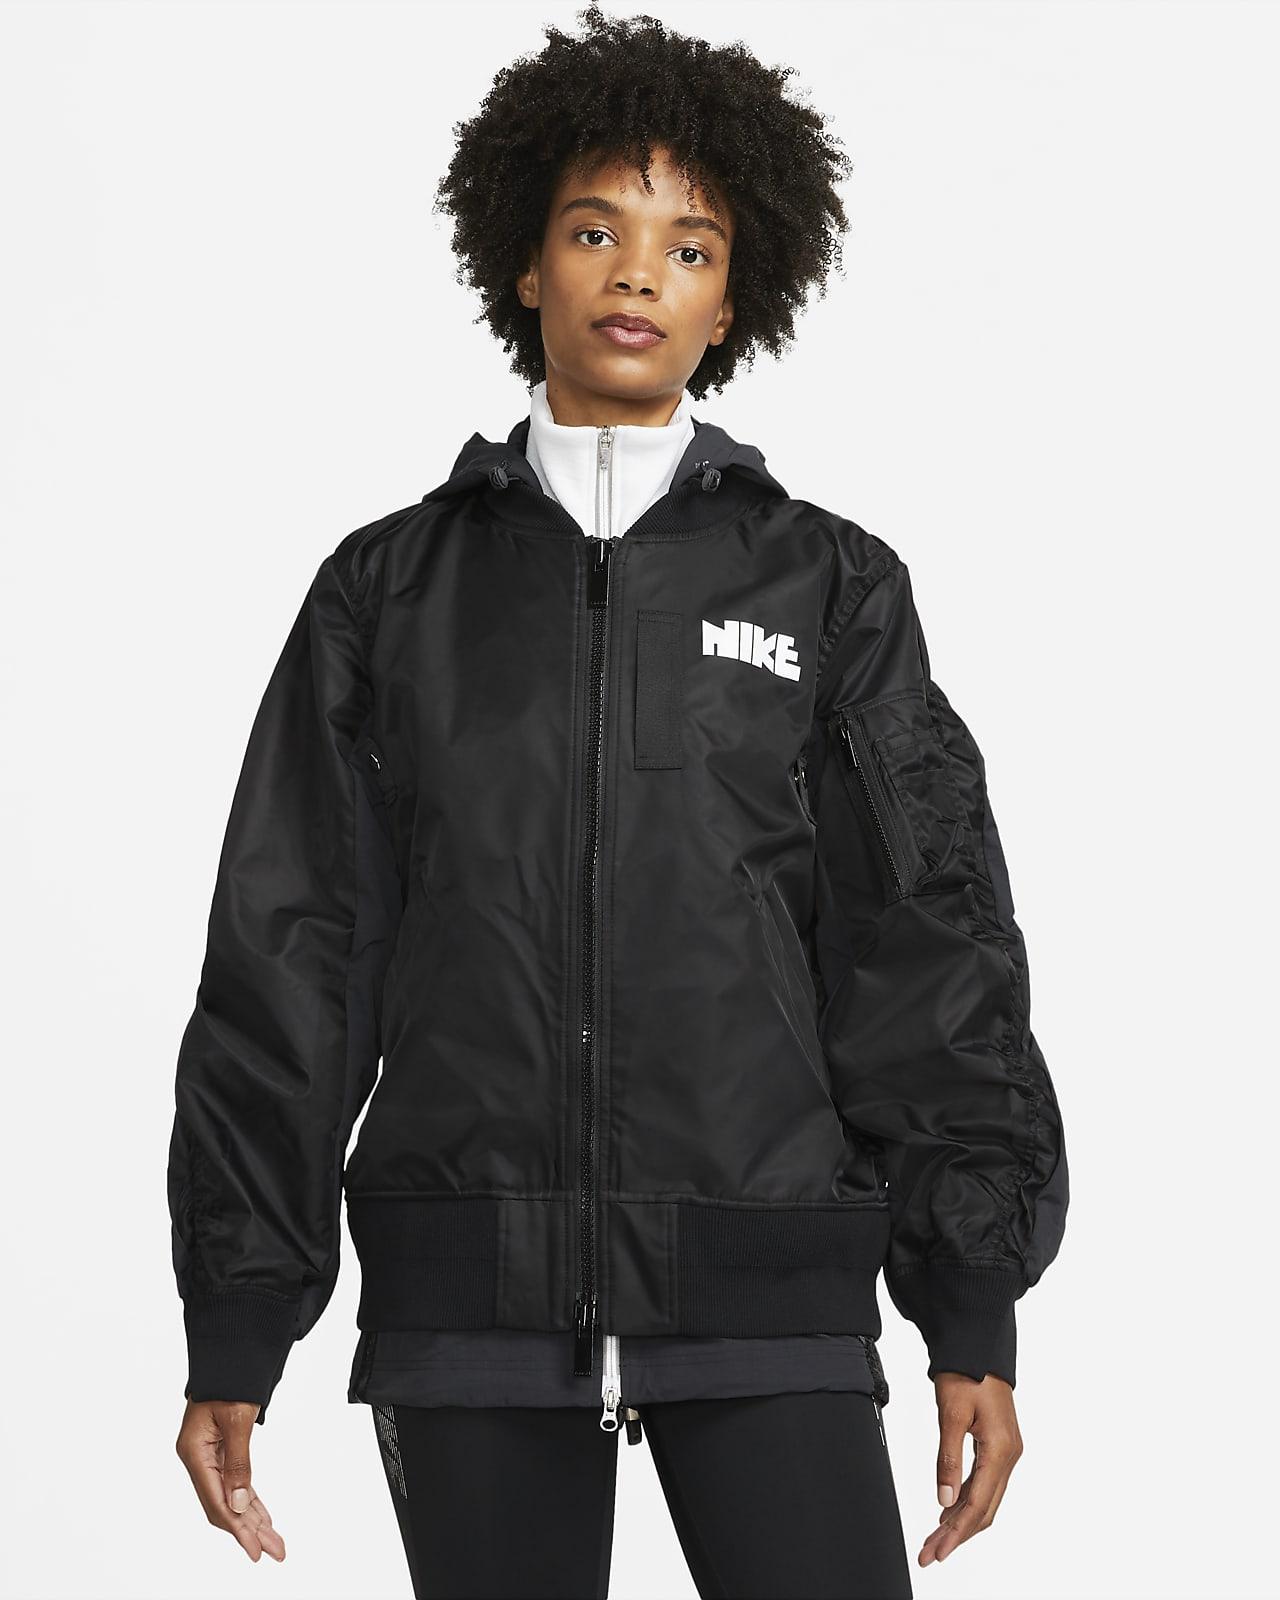 เสื้อแจ็คเก็ตผู้หญิง Nike x sacai